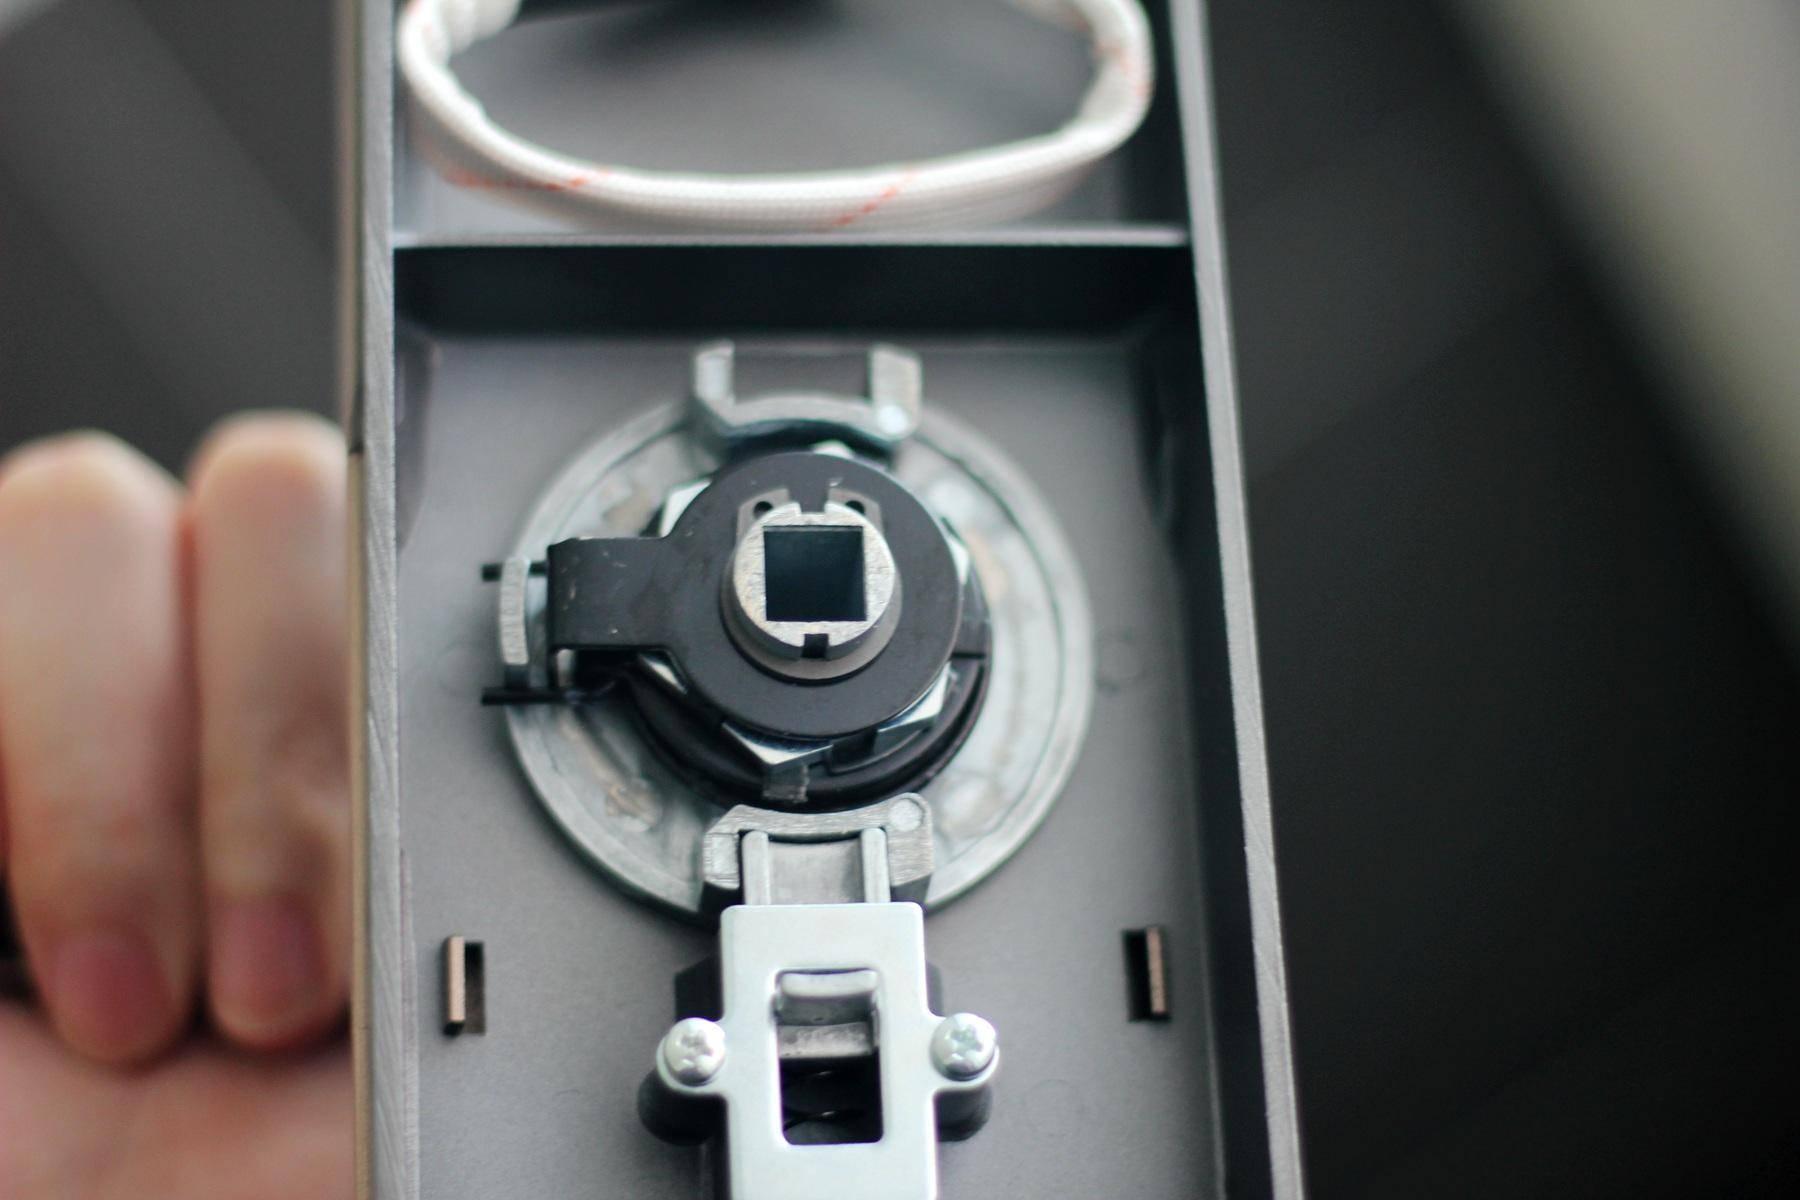 颜值、安全、智能 - 松下72系智能锁使用评测